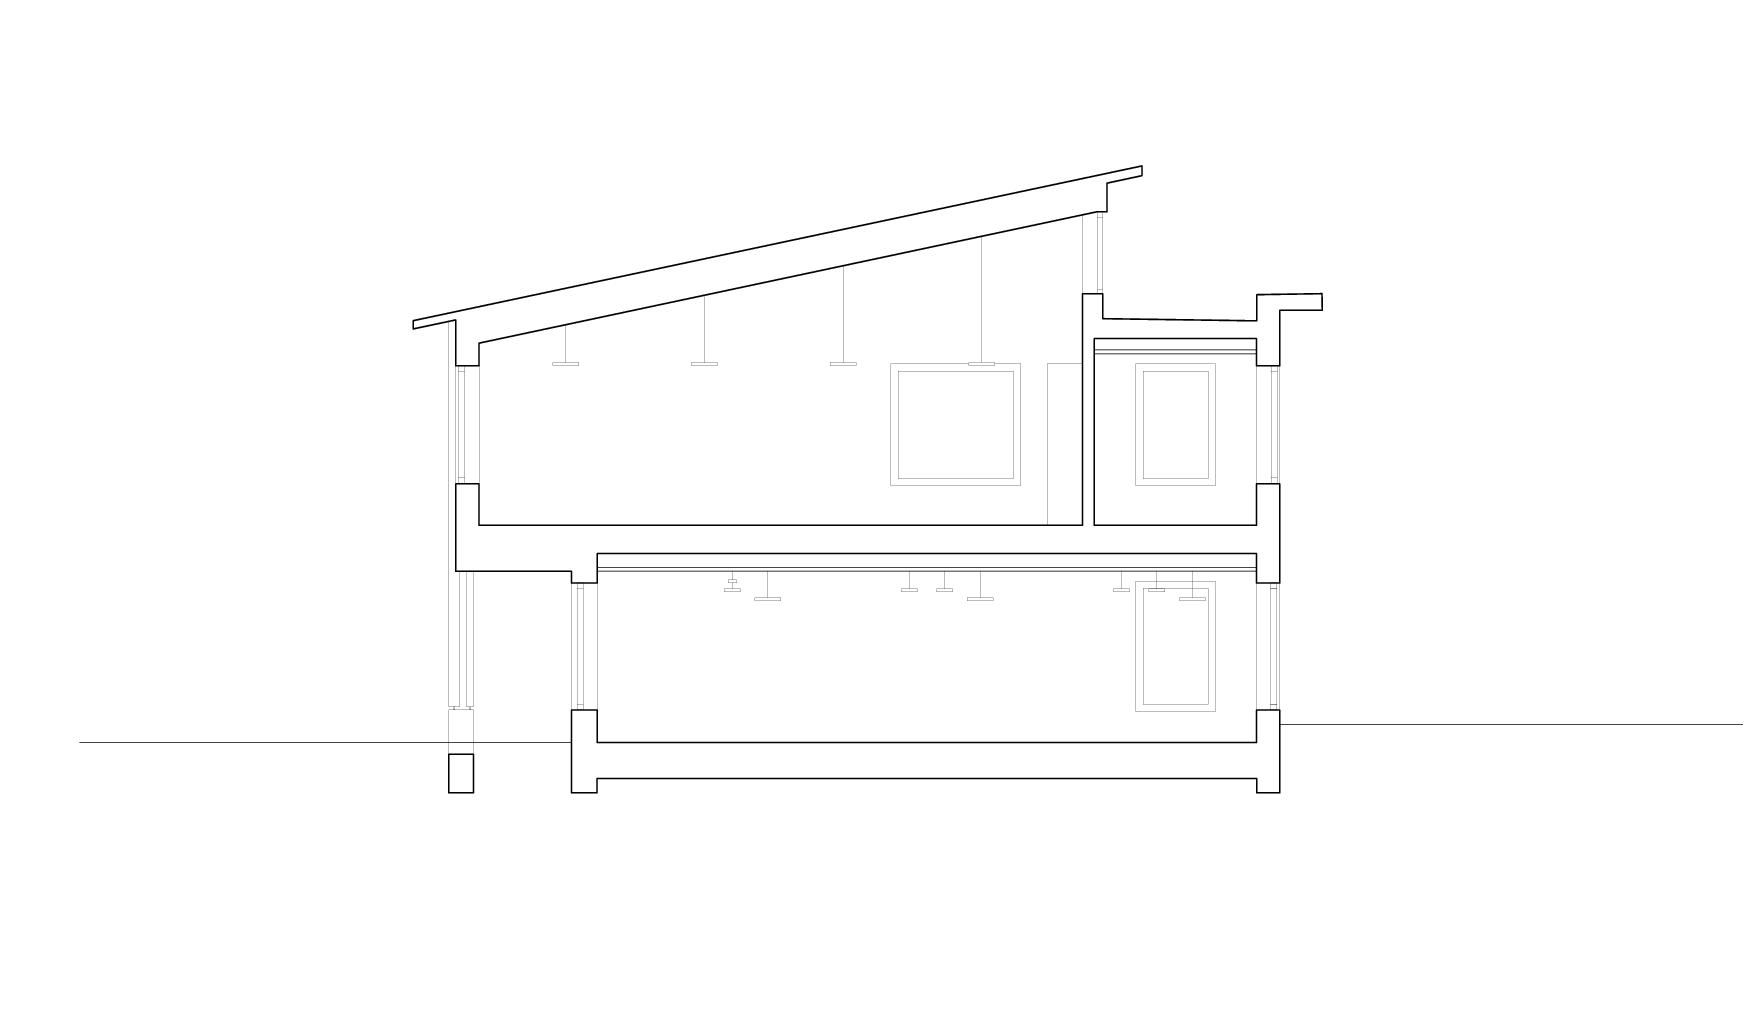 Querschnitt Schulhaus Alp II, Wangen b. Olten von werk1 architekten und planer ag